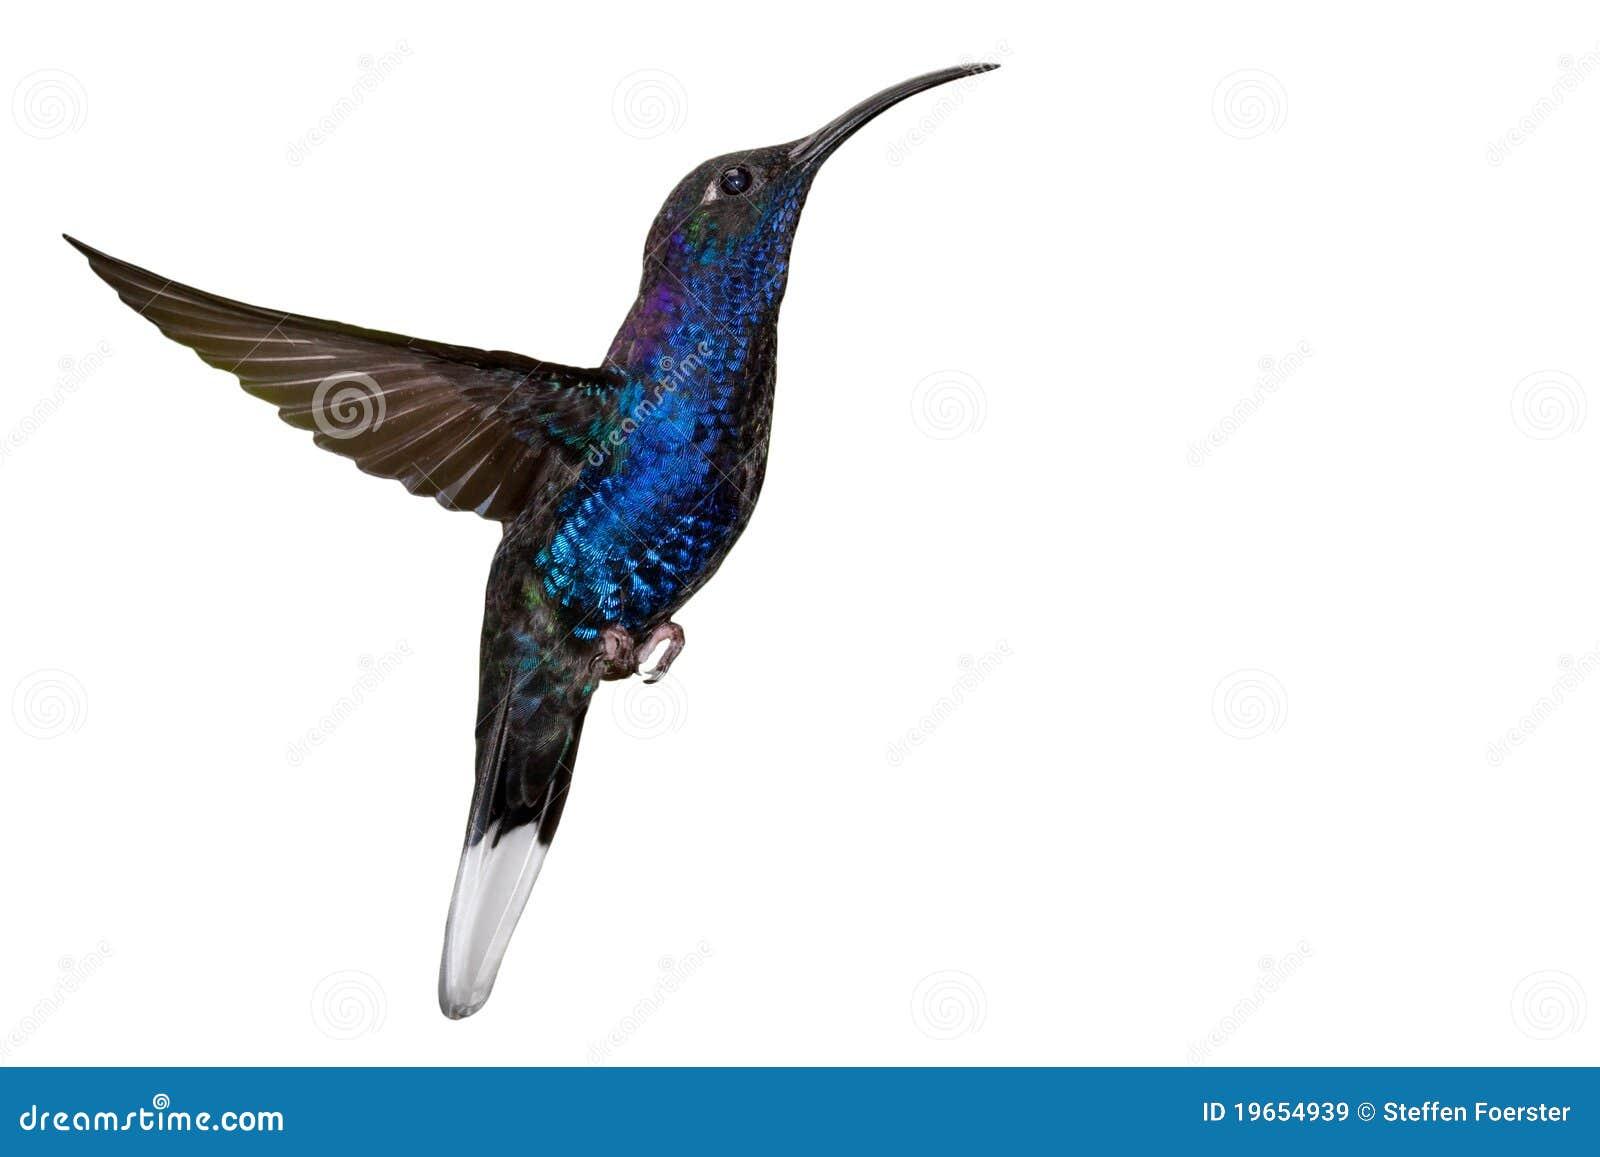 Blauer Kolibri im Flug getrennt auf Weiß